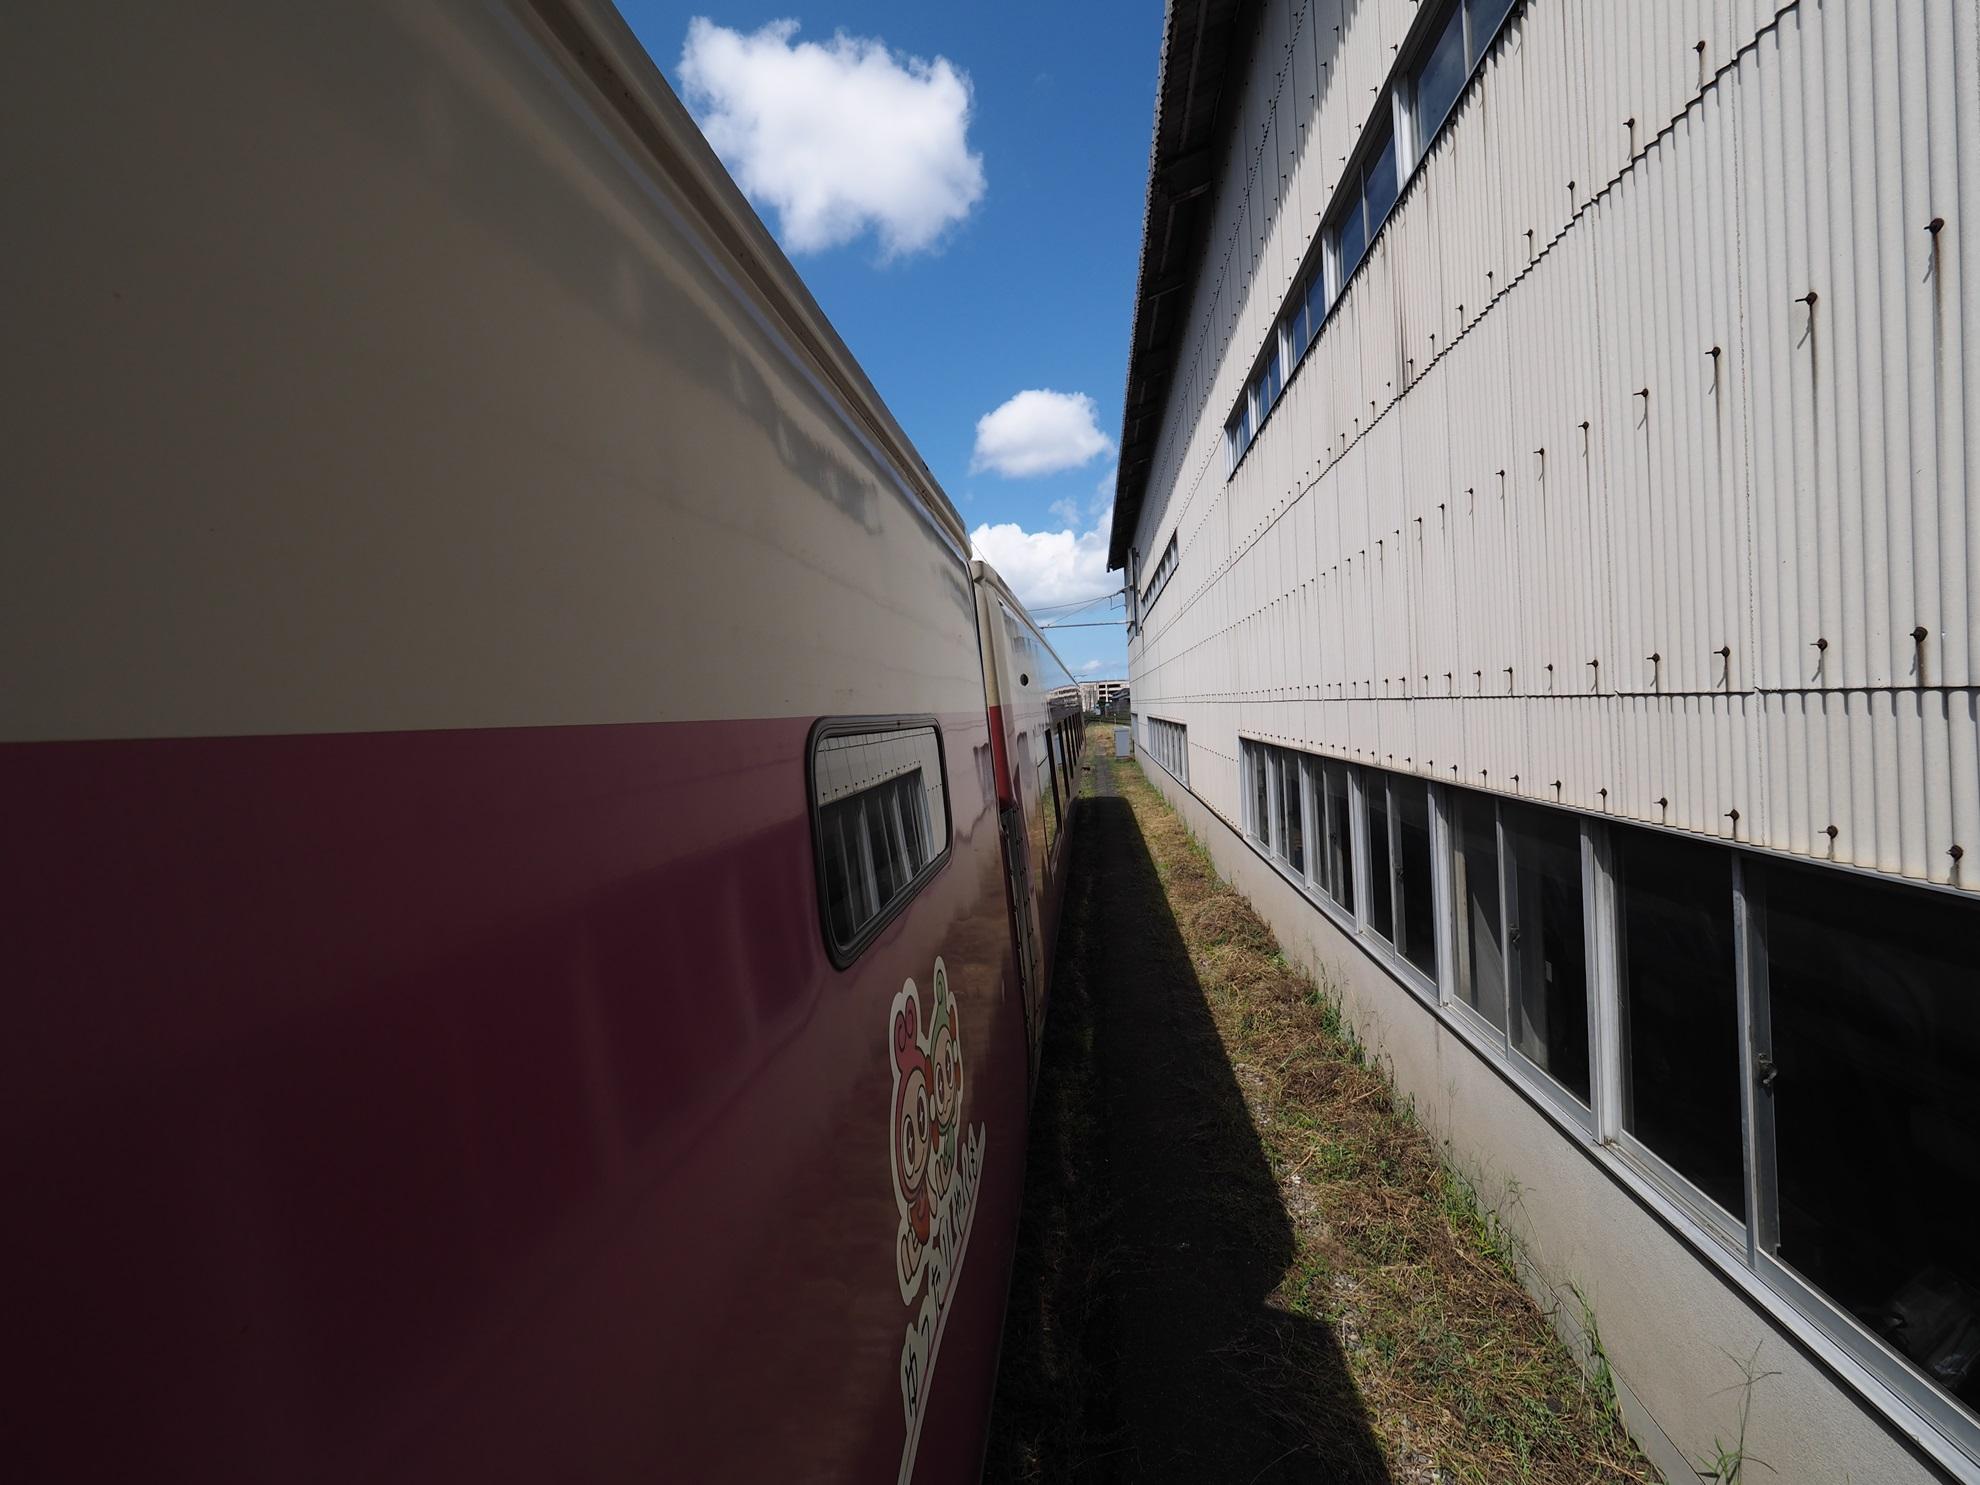 後藤総合車両所一般公開 2015 381系やくも3